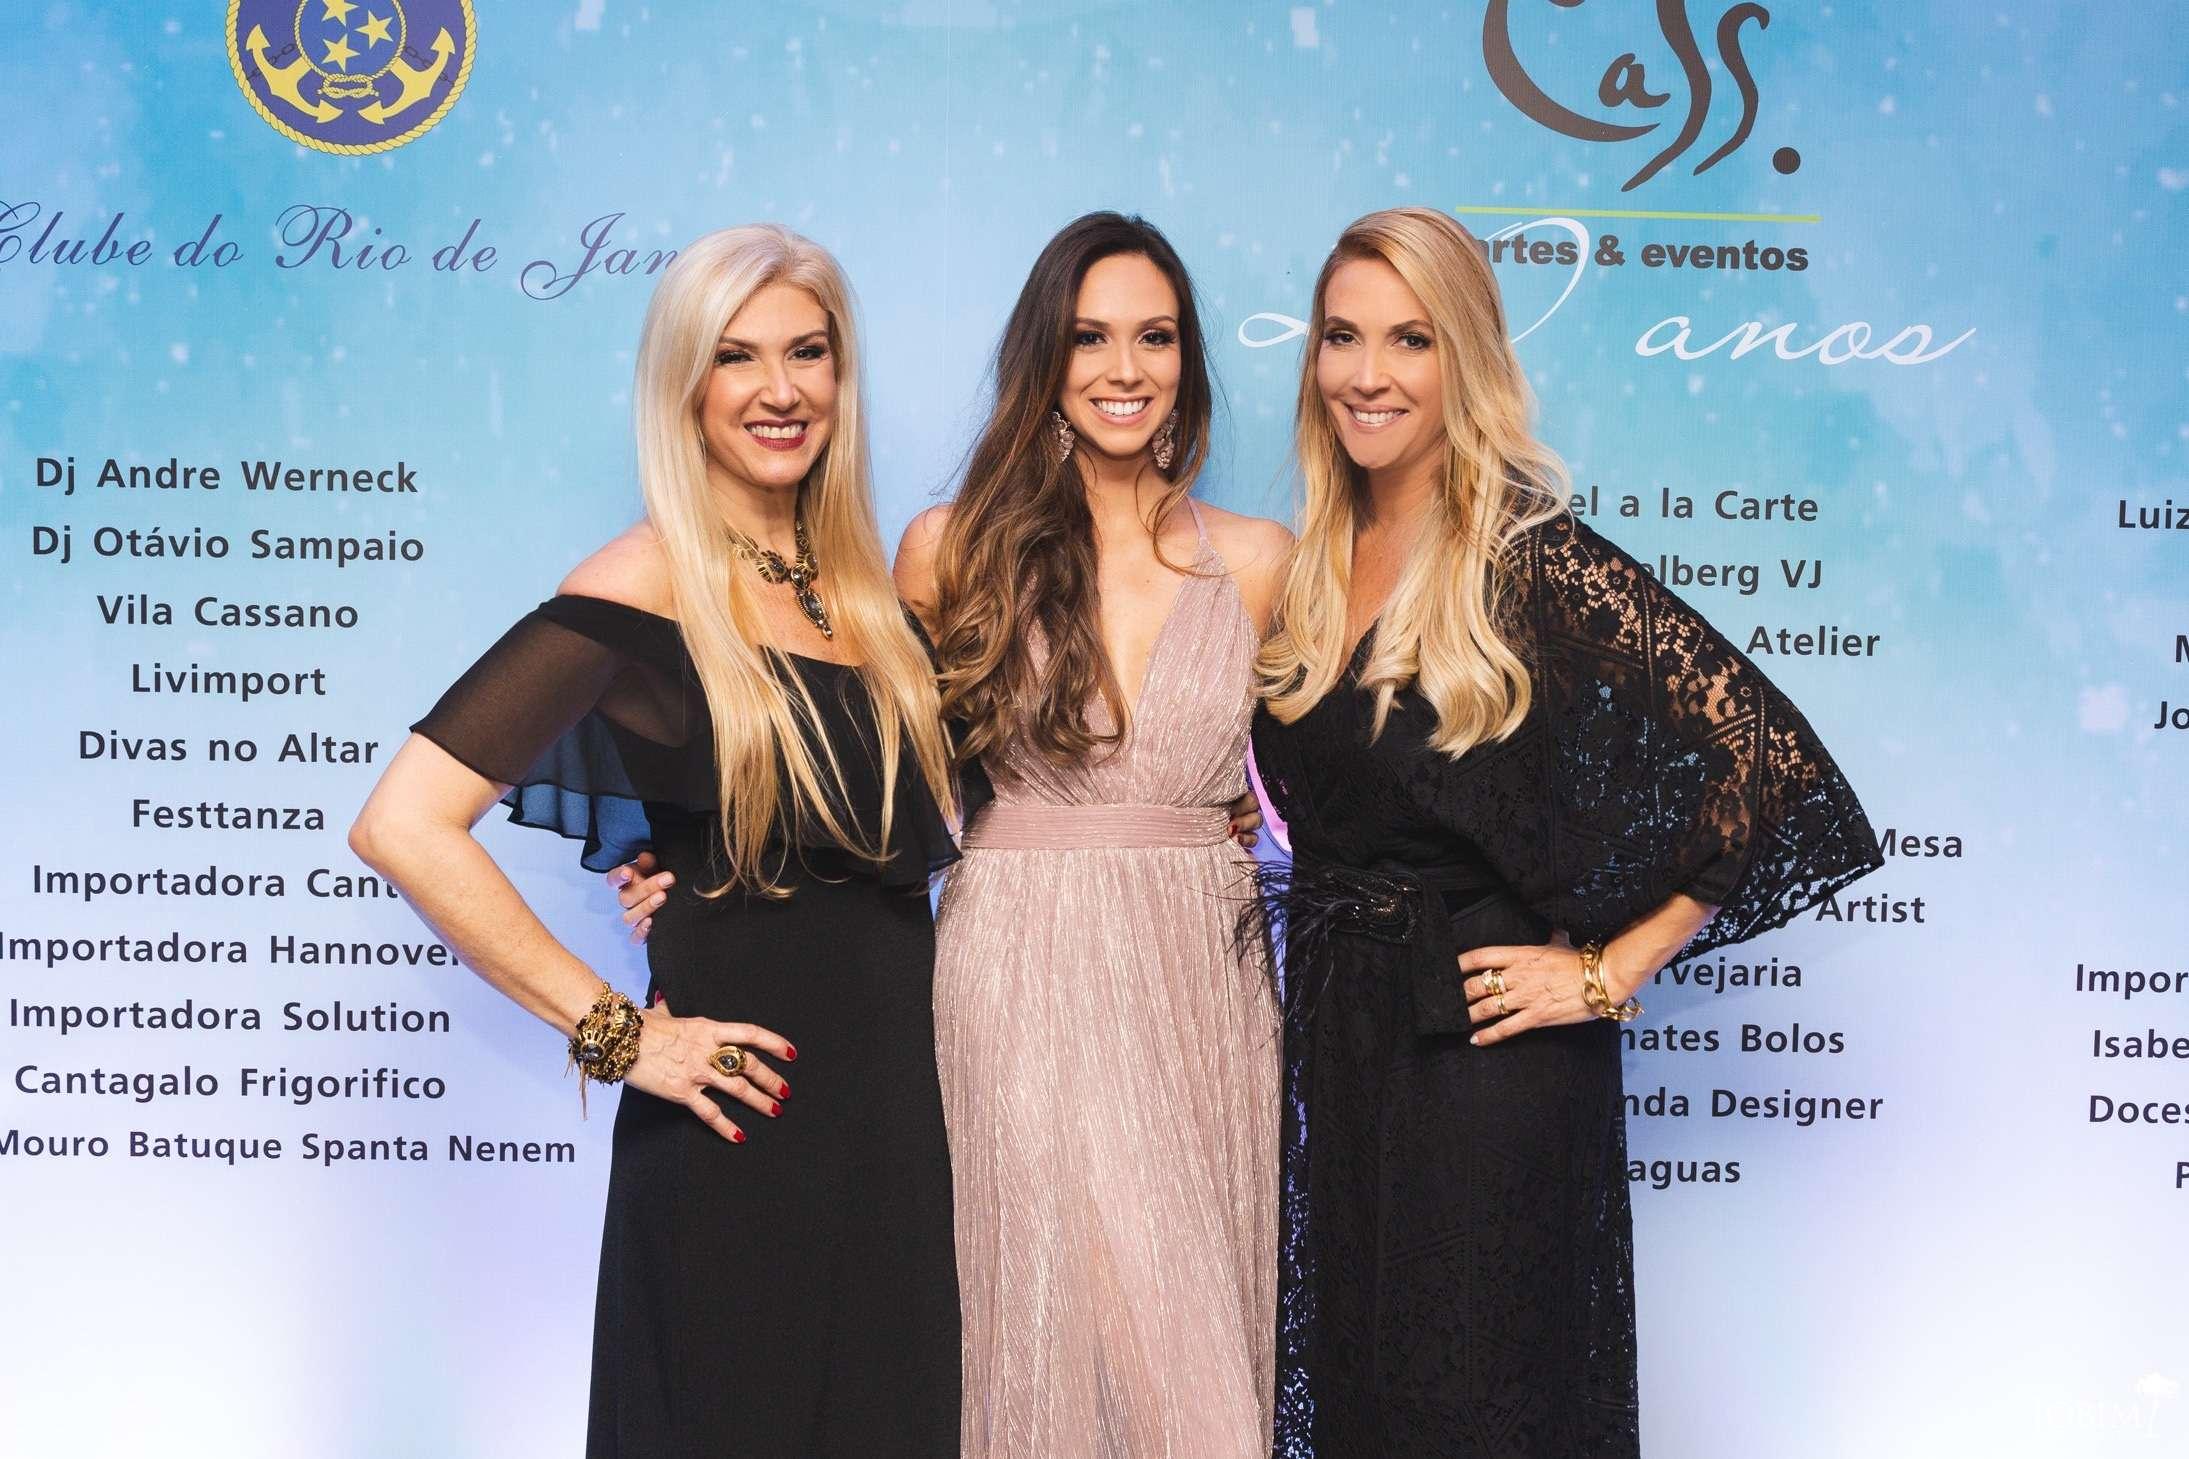 O Grande Gatsby embala noite de gala do ICRJ no Rio